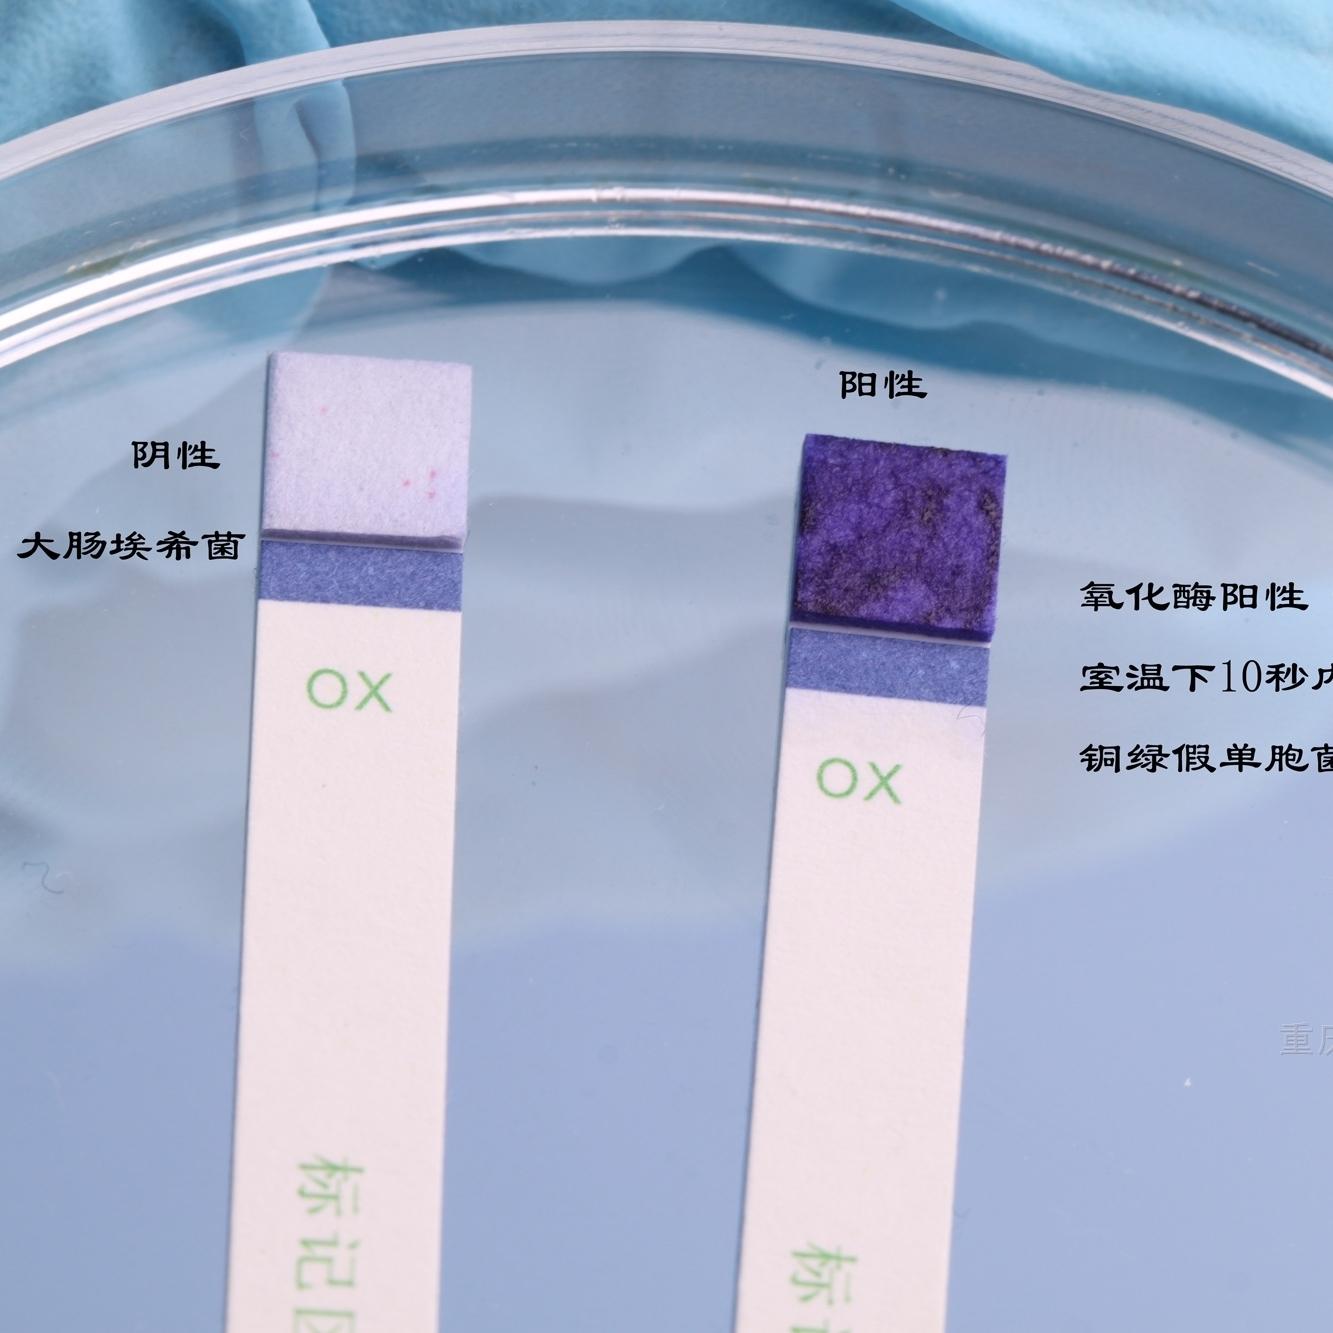 氧化酶试验试剂(OX)